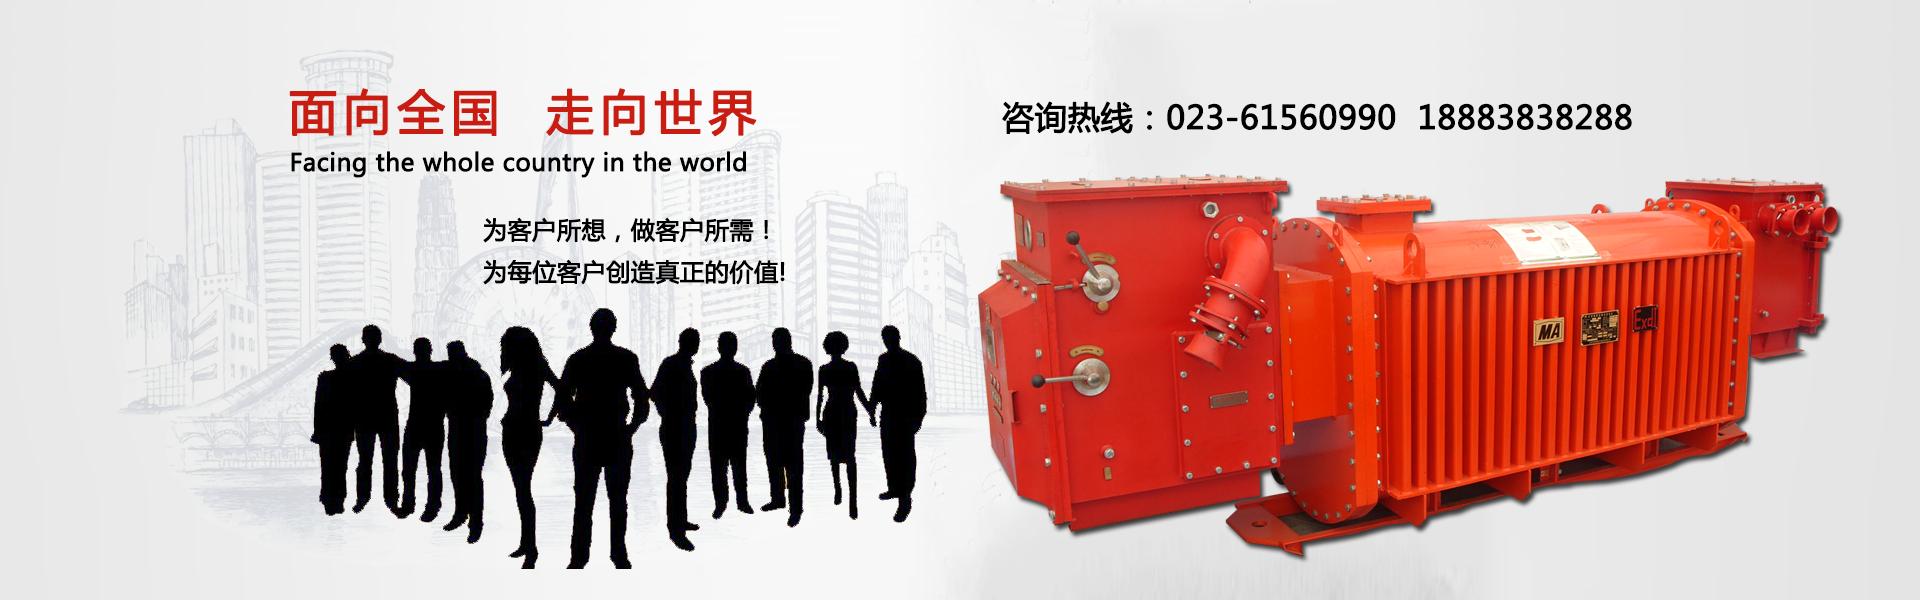 重庆煤矿设备面向全国,走向世界